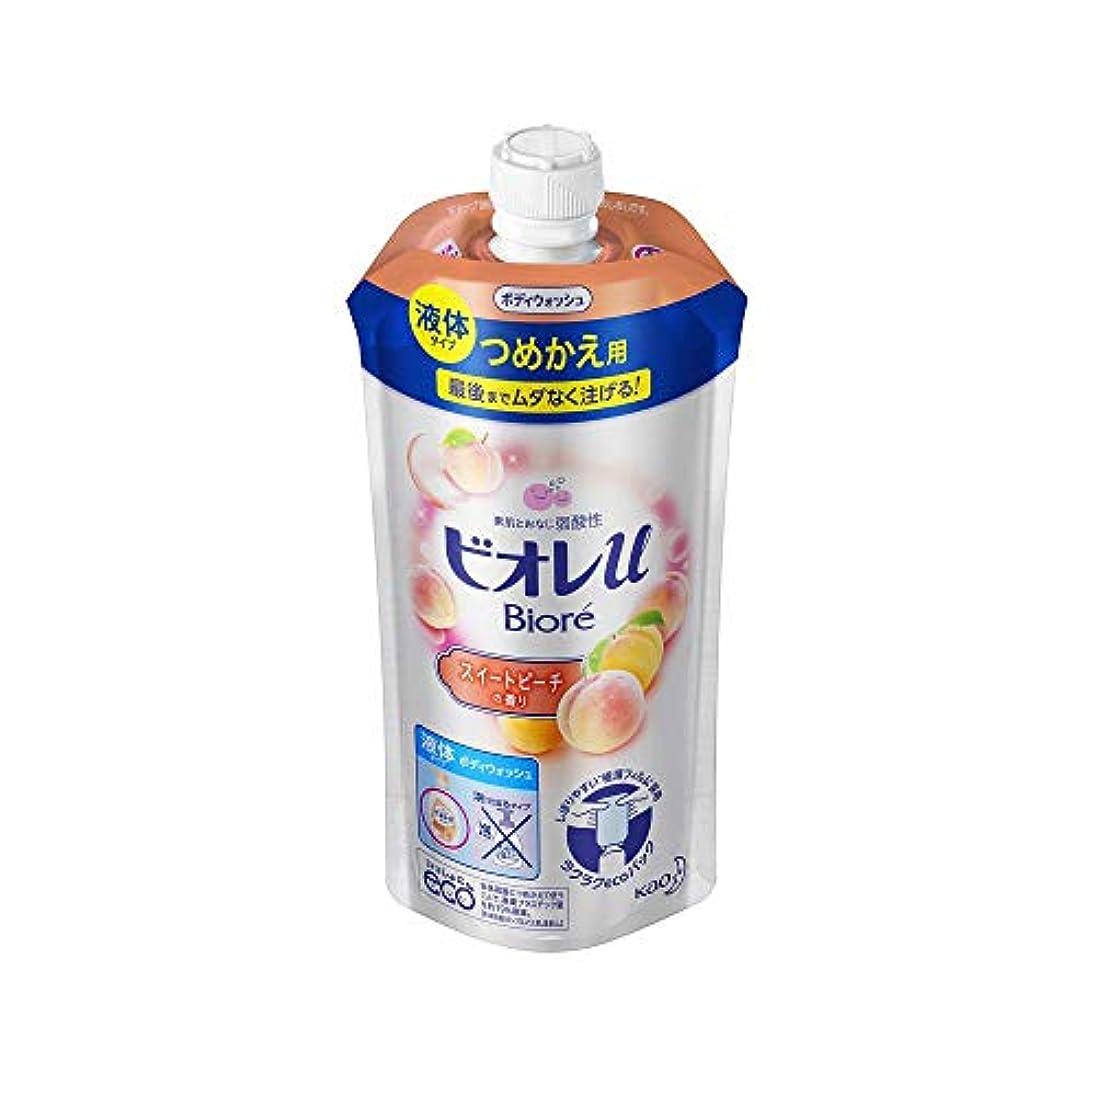 腐食する信頼性のある火山学花王 ビオレu スイートピーチの香りつめかえ用 340ML